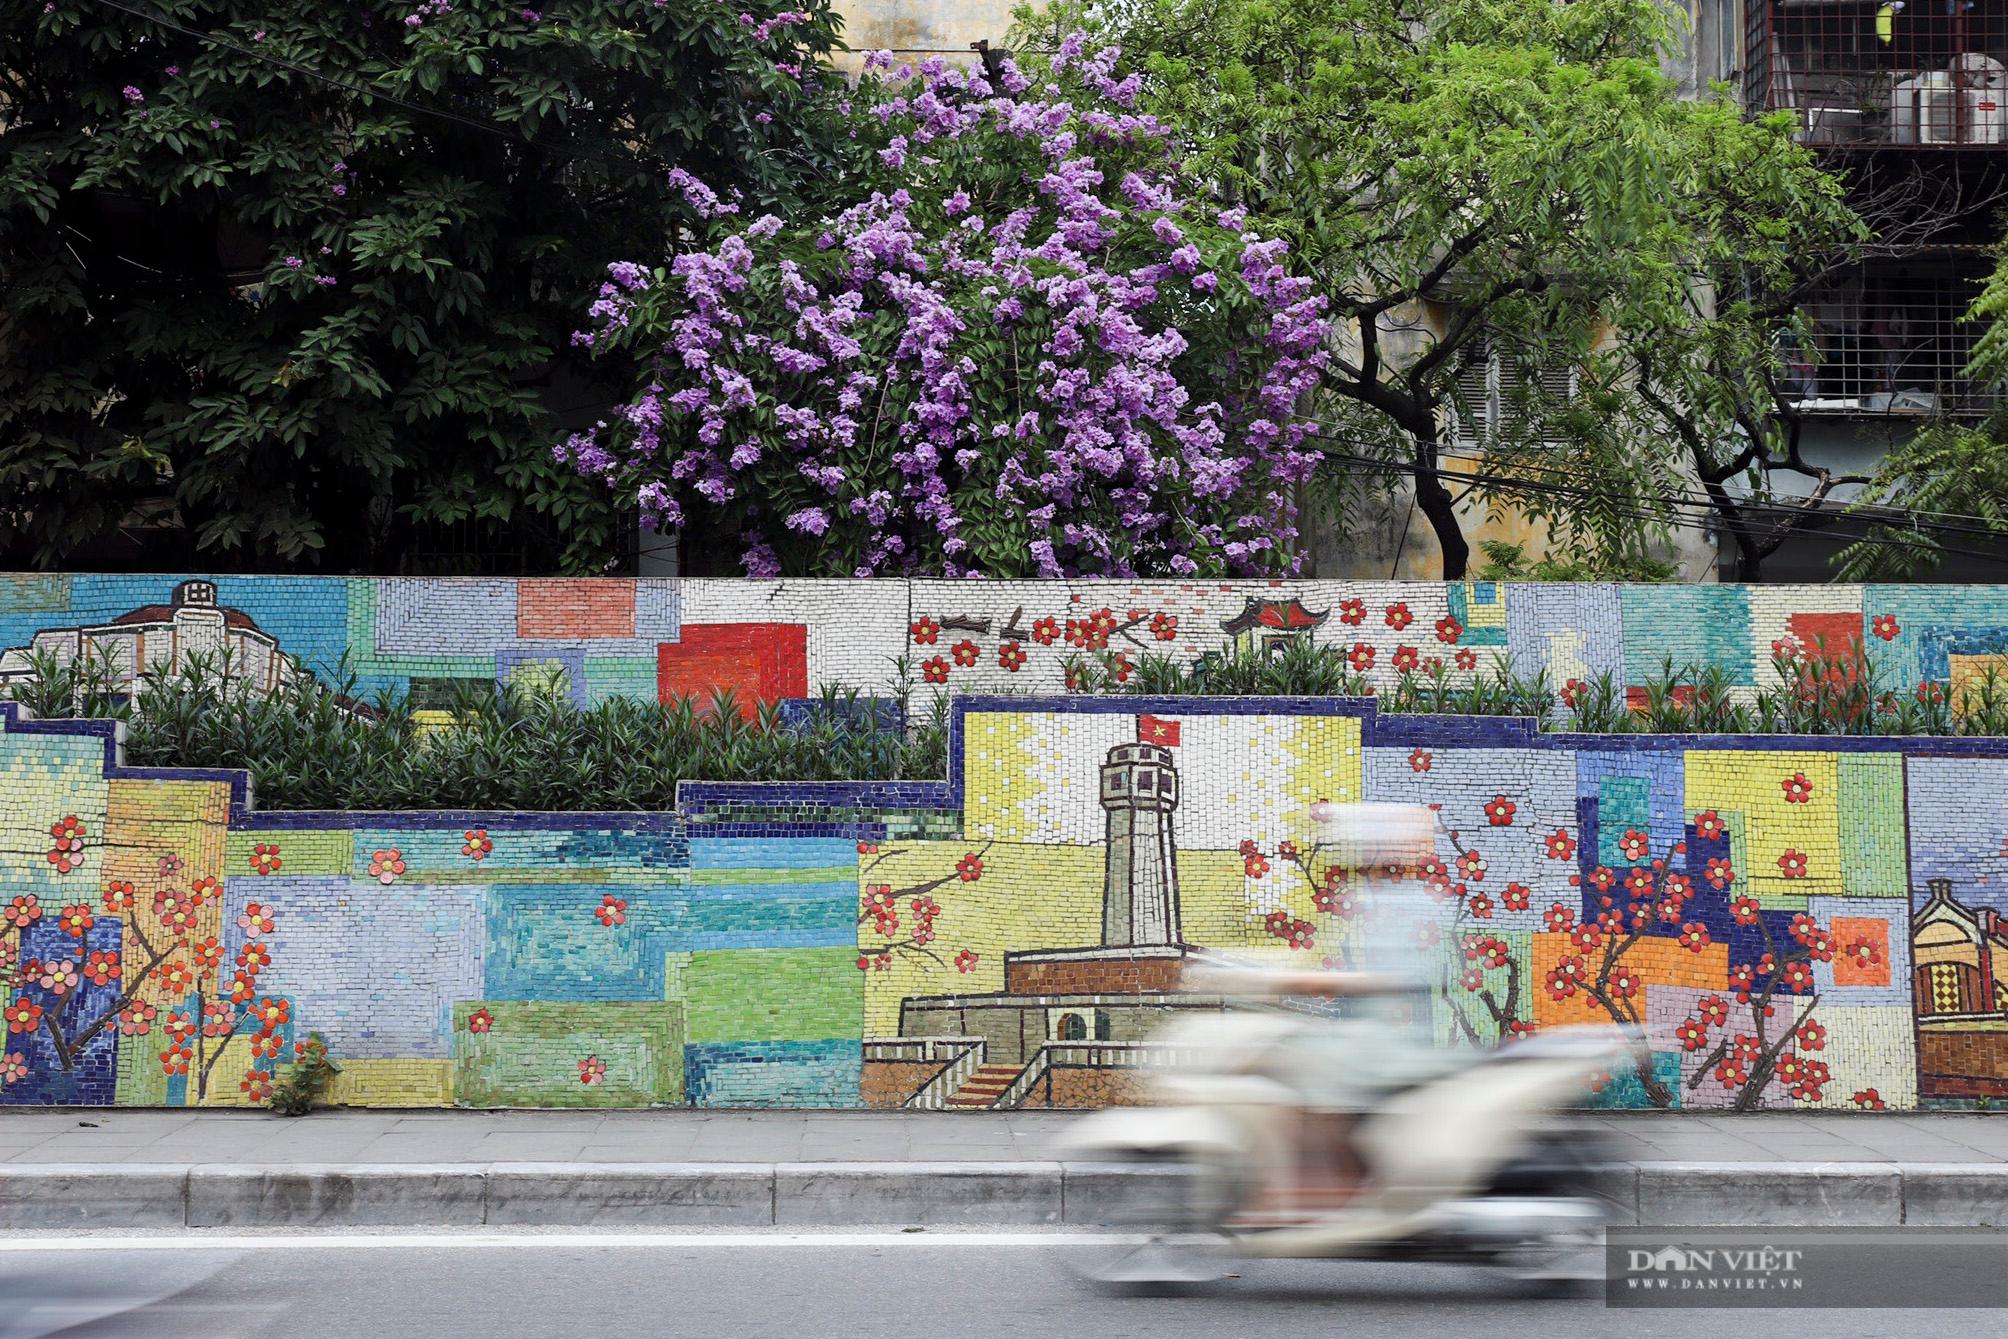 Hoa bằng lăng: loài hoa biểu tượng của sự thủy chung nở rộ khắp đường phố Hà Nội - Ảnh 2.